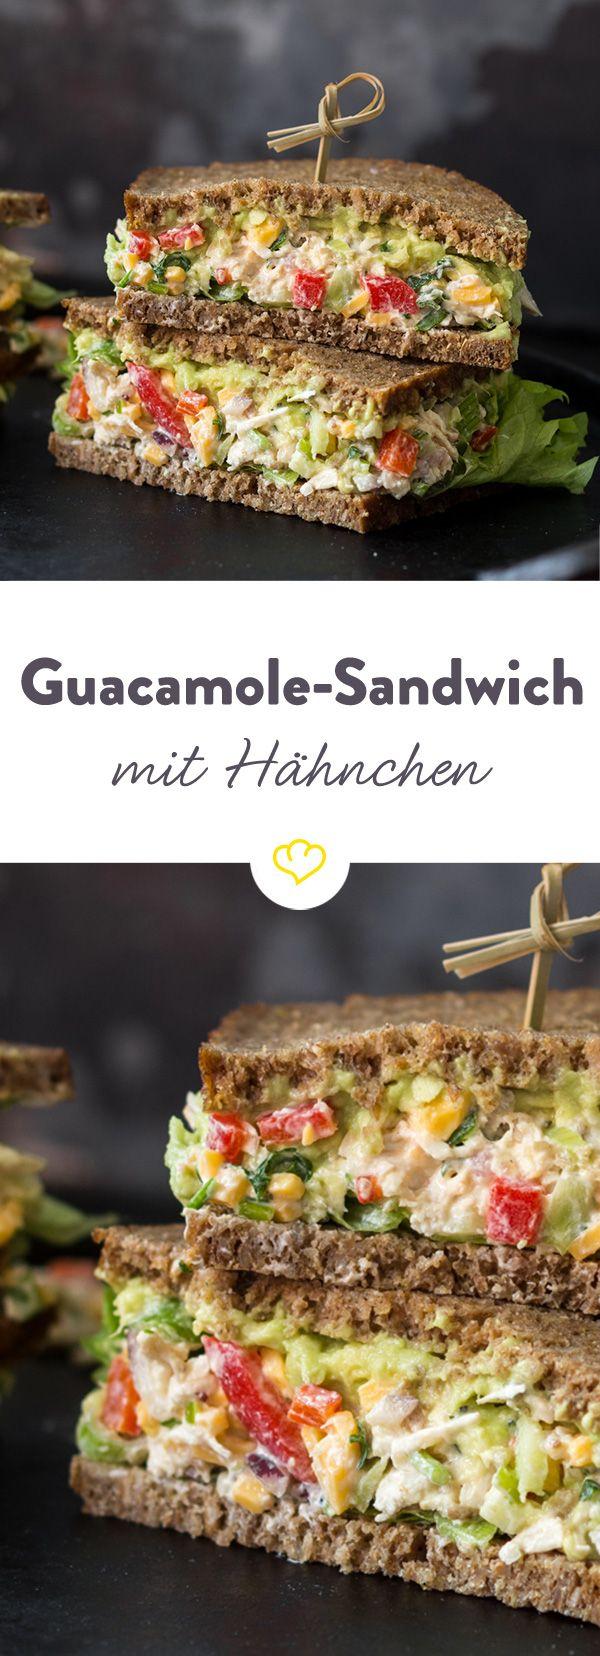 guacamole sandwich mit h hnchen rezept griechischer joghurt griechische und avocado. Black Bedroom Furniture Sets. Home Design Ideas